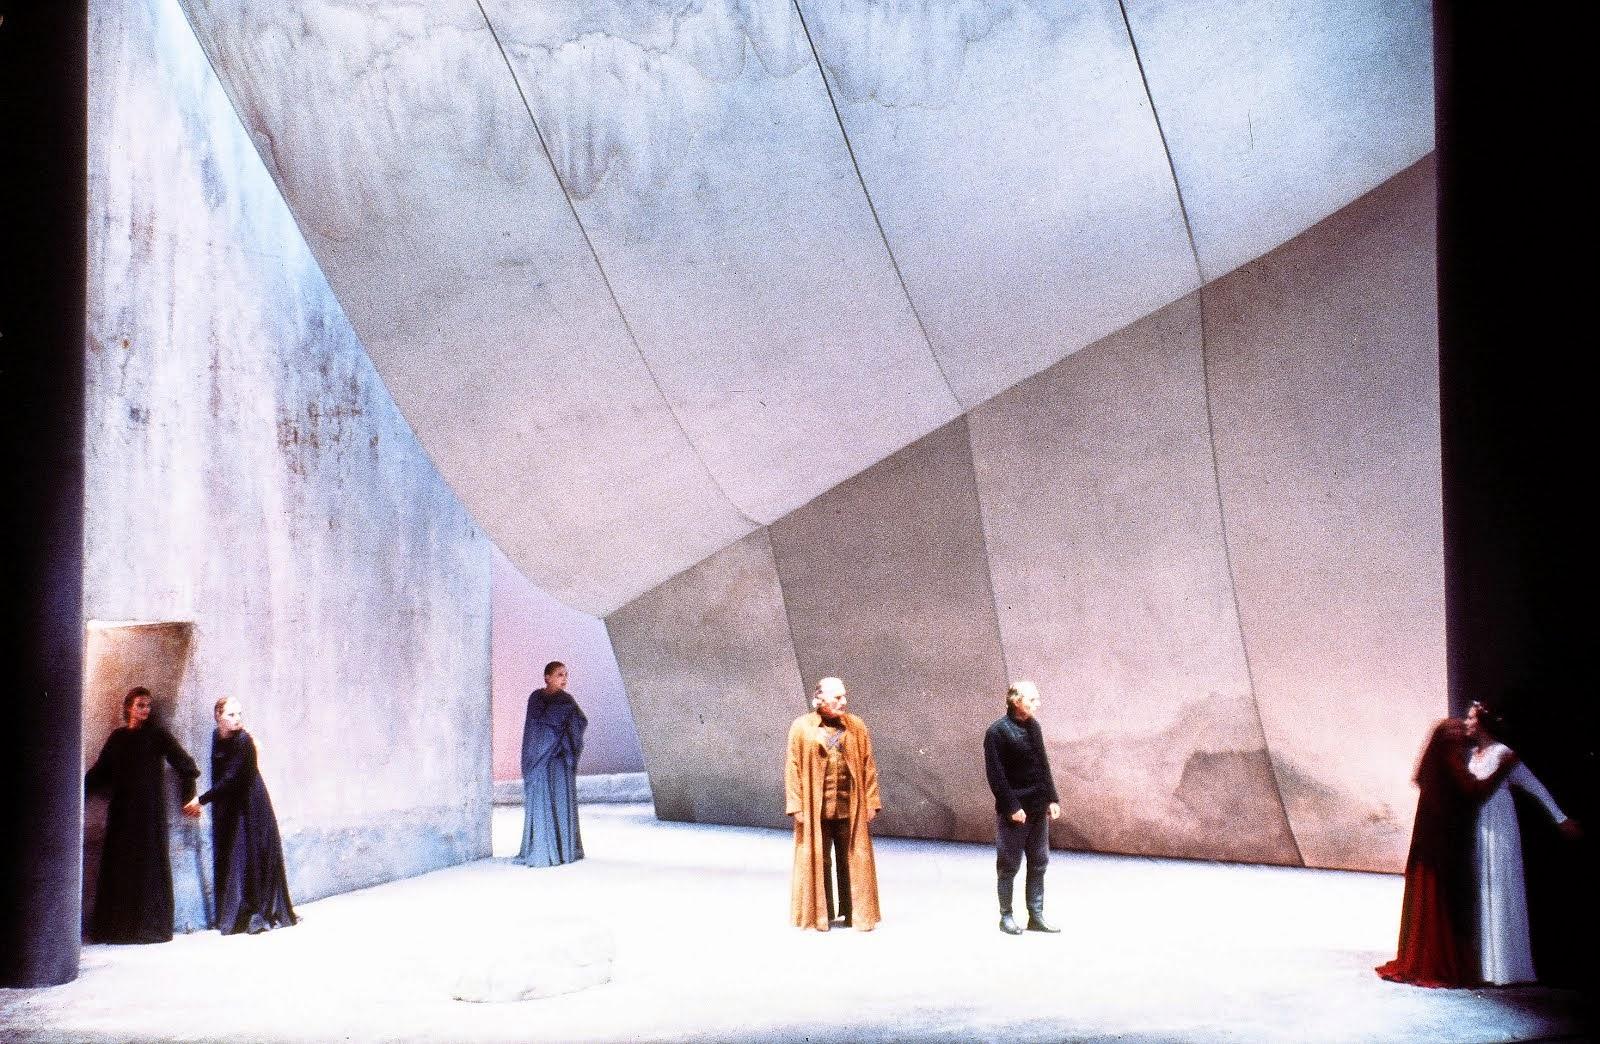 Iphigénie de Jean Racine. Cenário e Encenação de Yanis Kokkos. Comédie Française, 1990